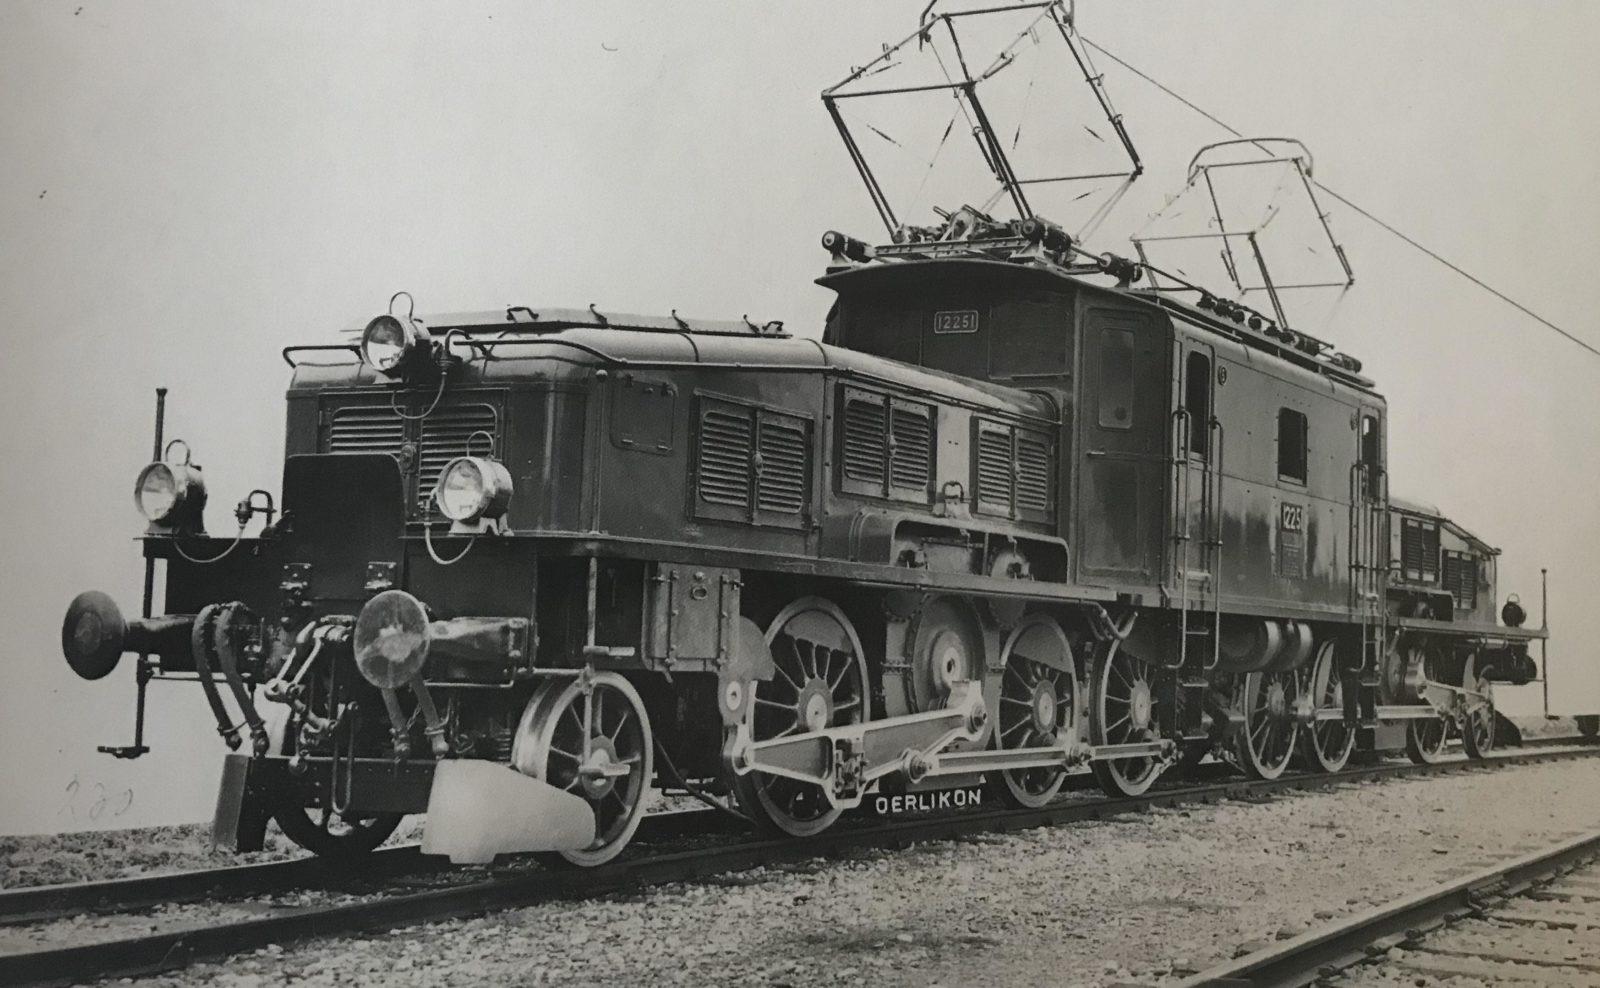 Ce 6/8, Les légendaires locomotives électriques suisses